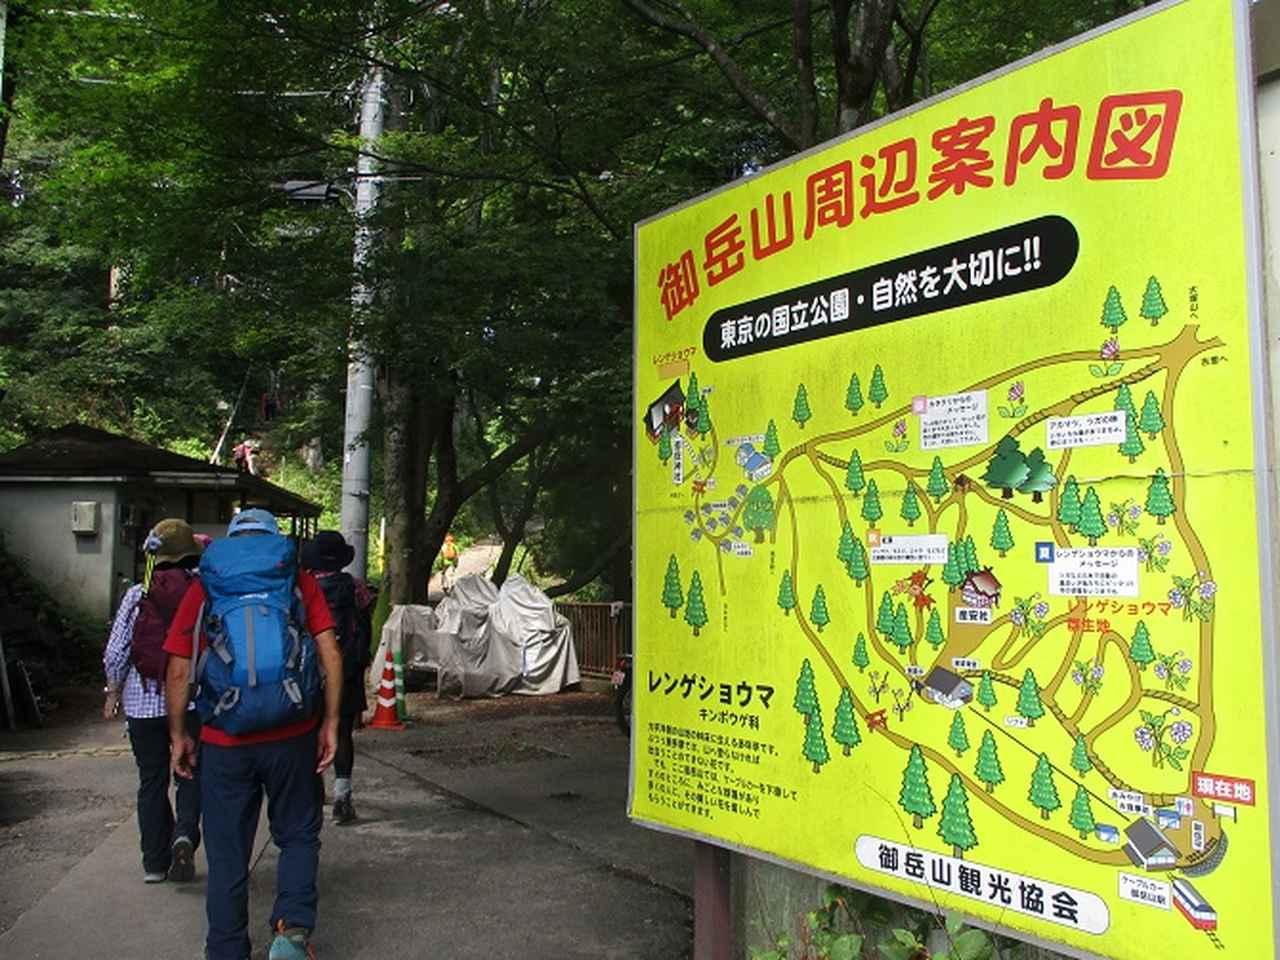 画像1: 8月17日に岡田ガイドの山旅会現地集合ツアーで、奥多摩の 日の出山 に行ってきました♪